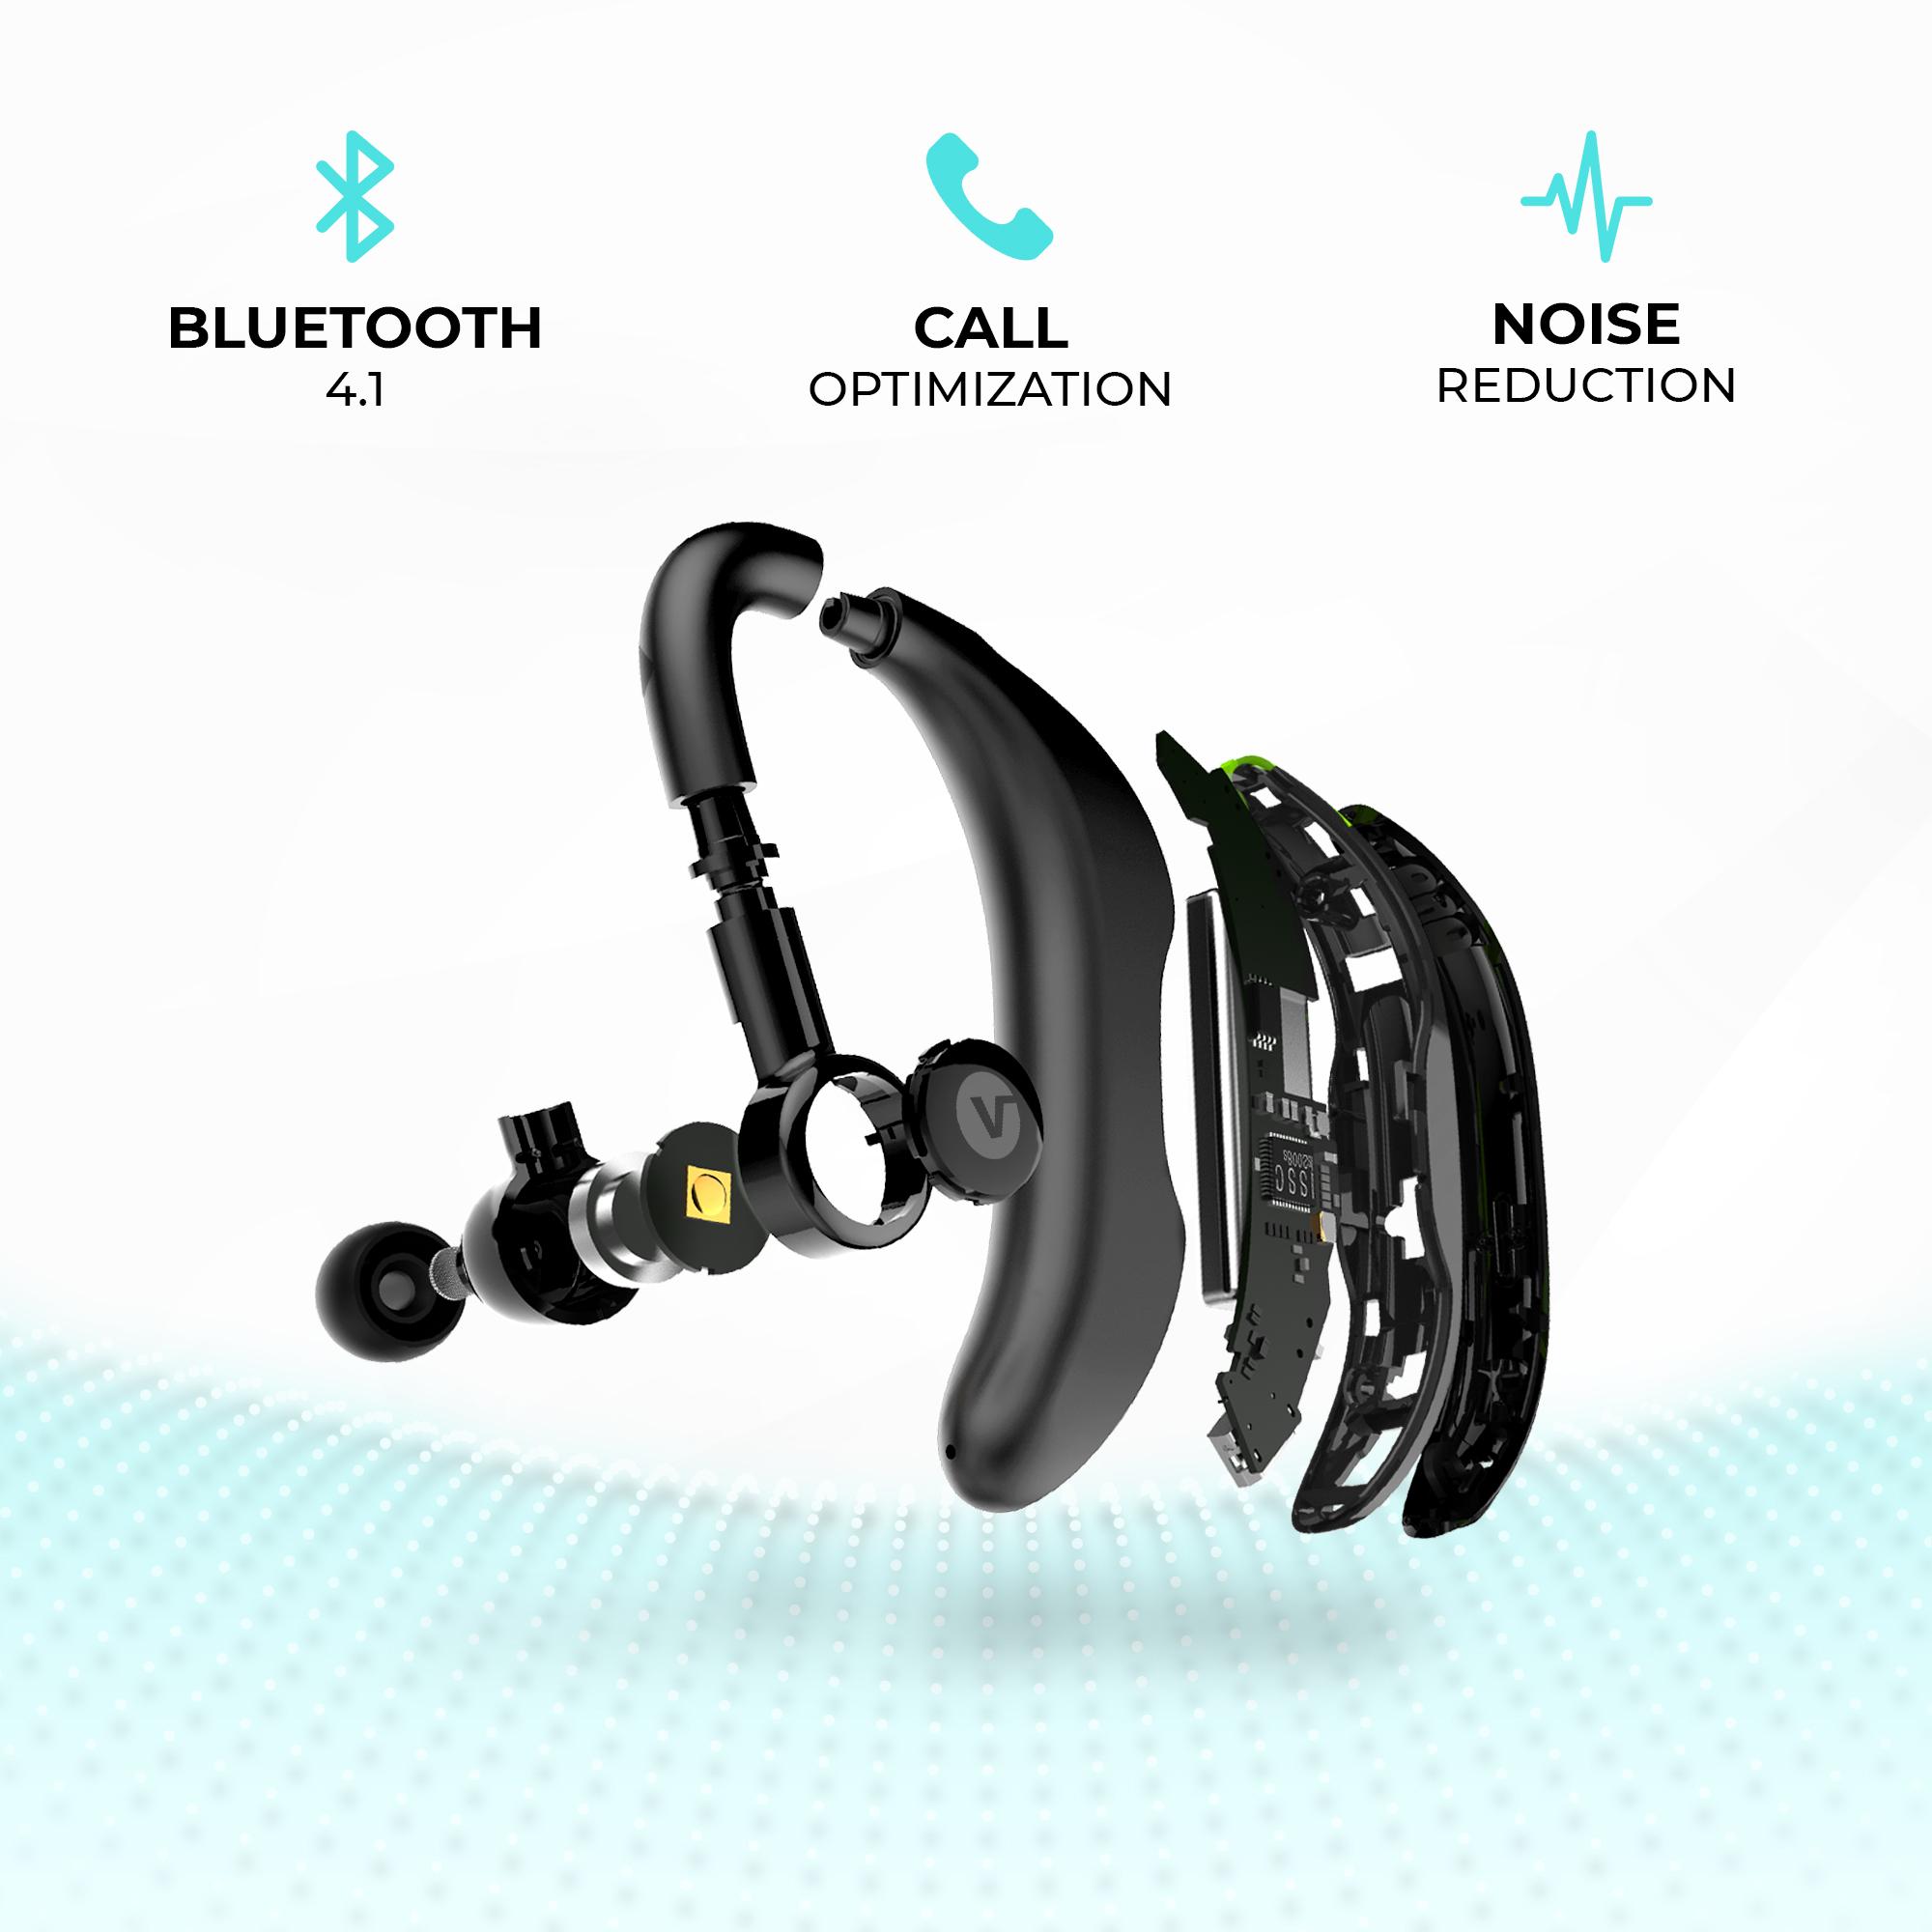 Senza-Fili-G13-Bluetooth-4-0-Auricolari-Mani-Libere-Cuffia-Headset-Per-Cellulare